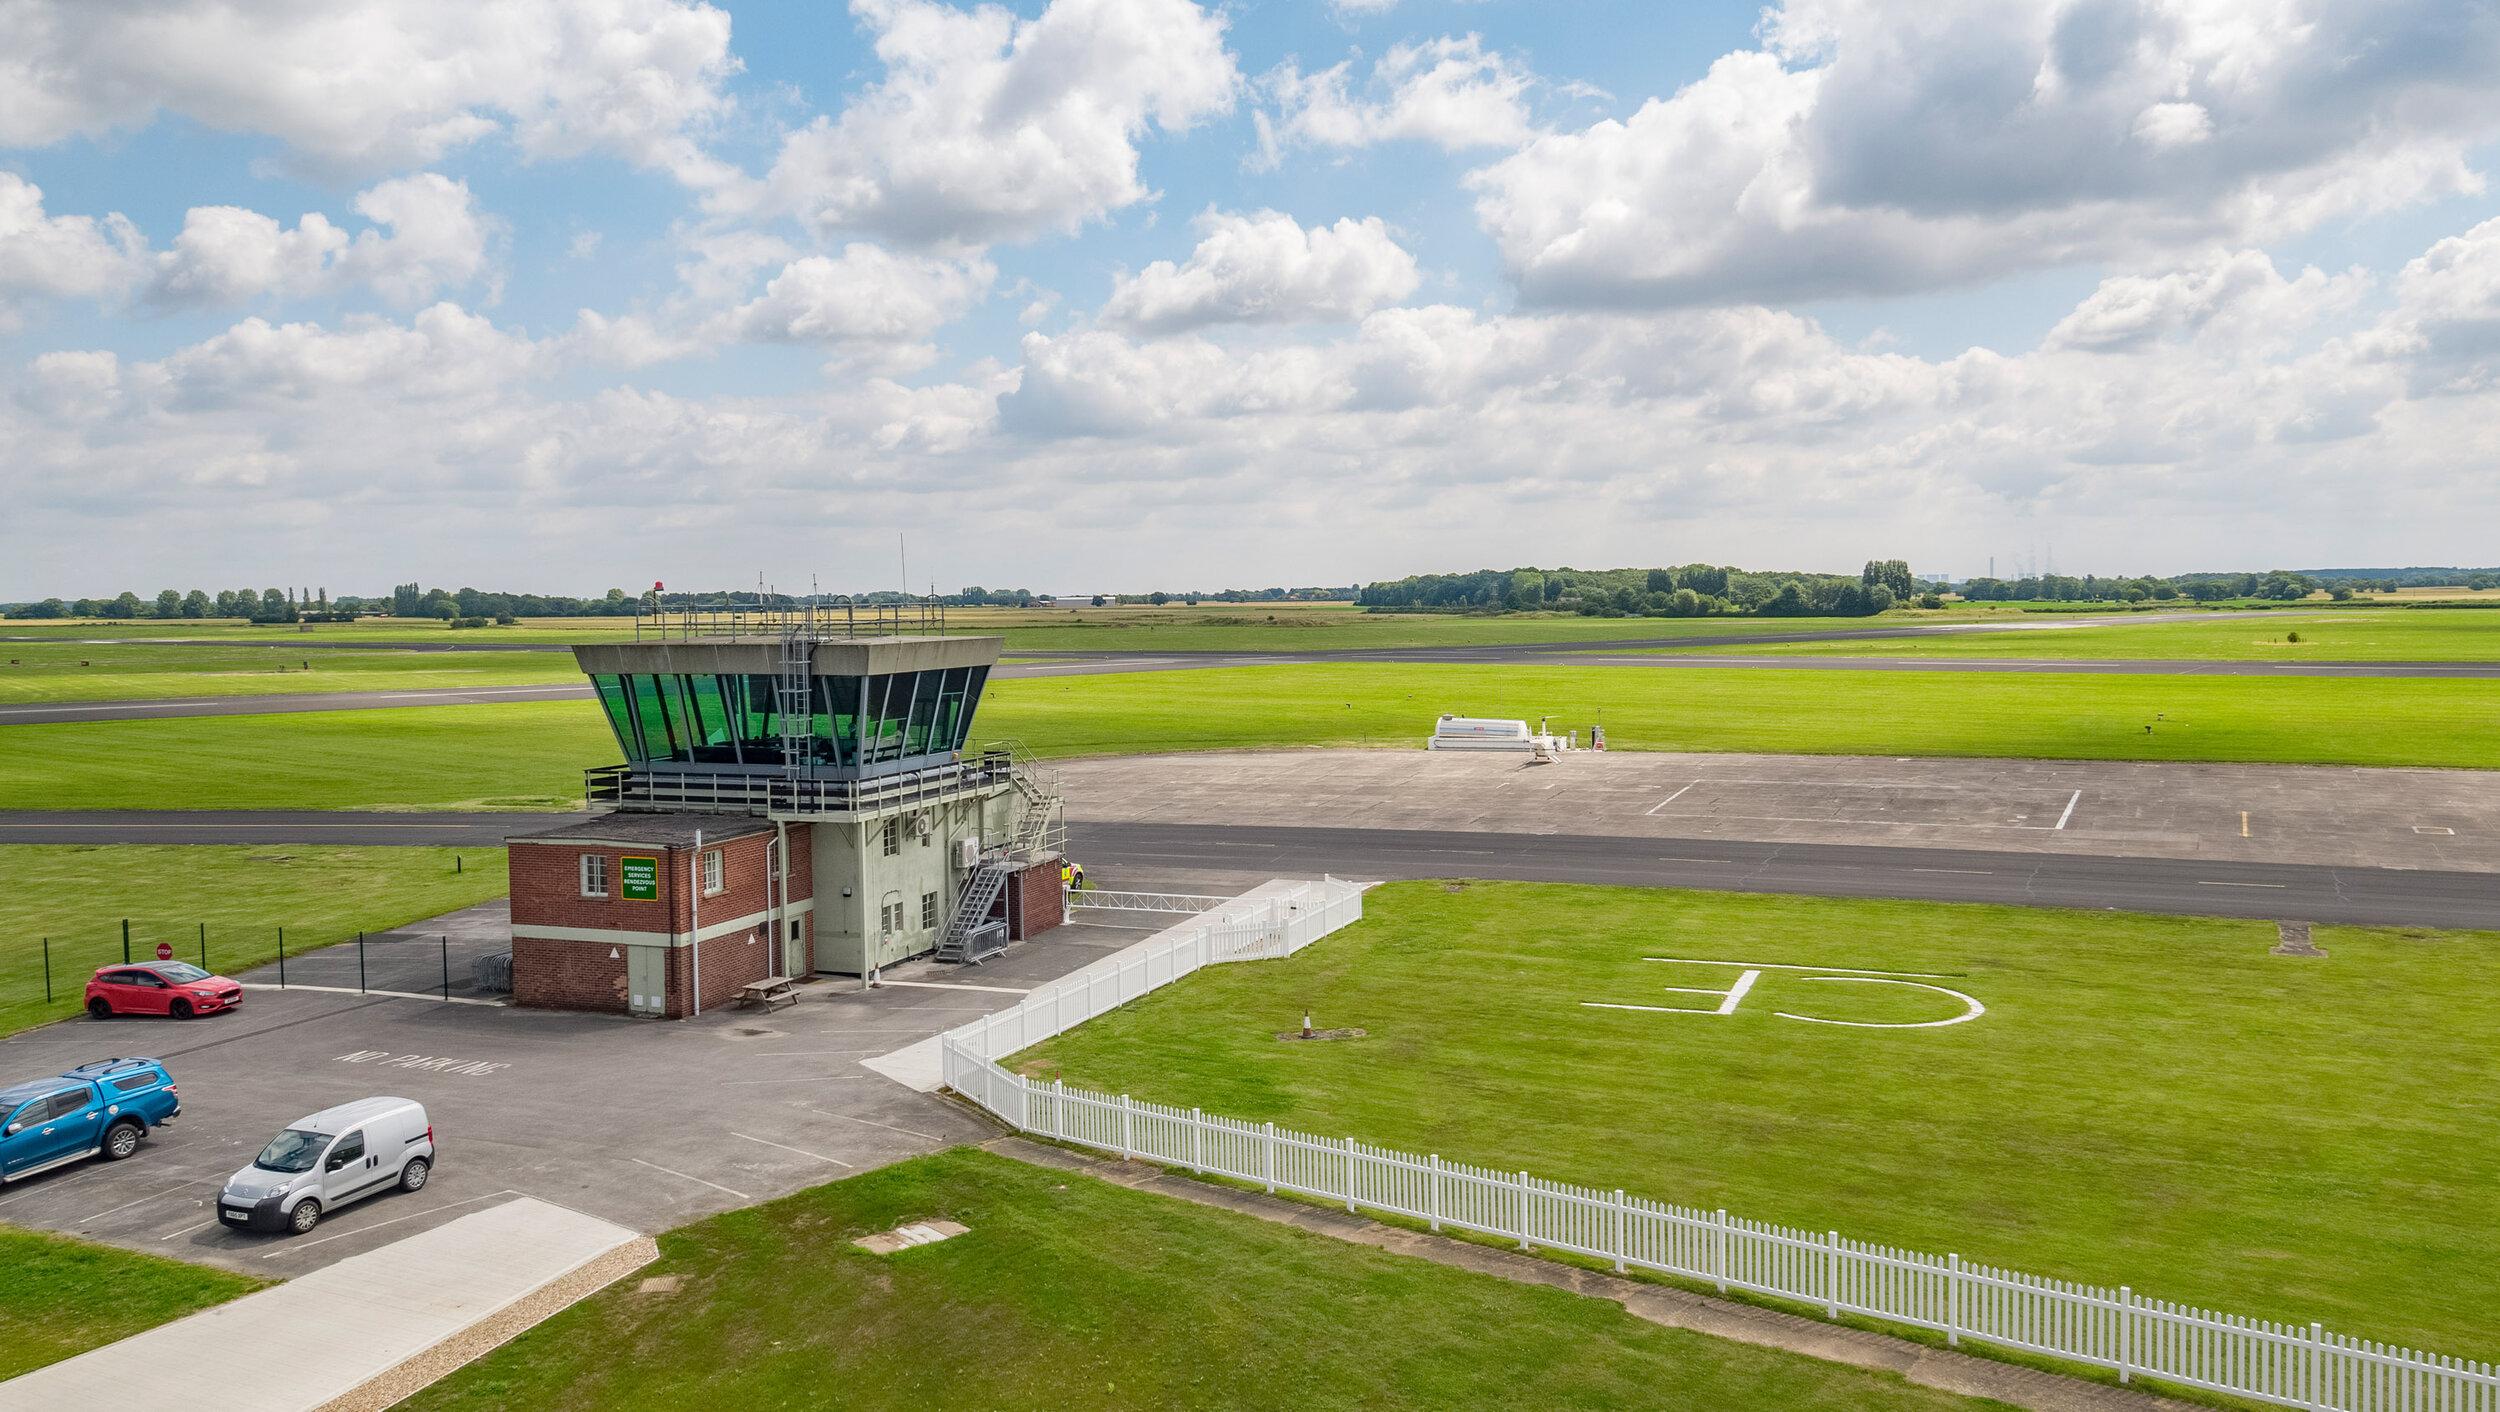 Leeds East Airport